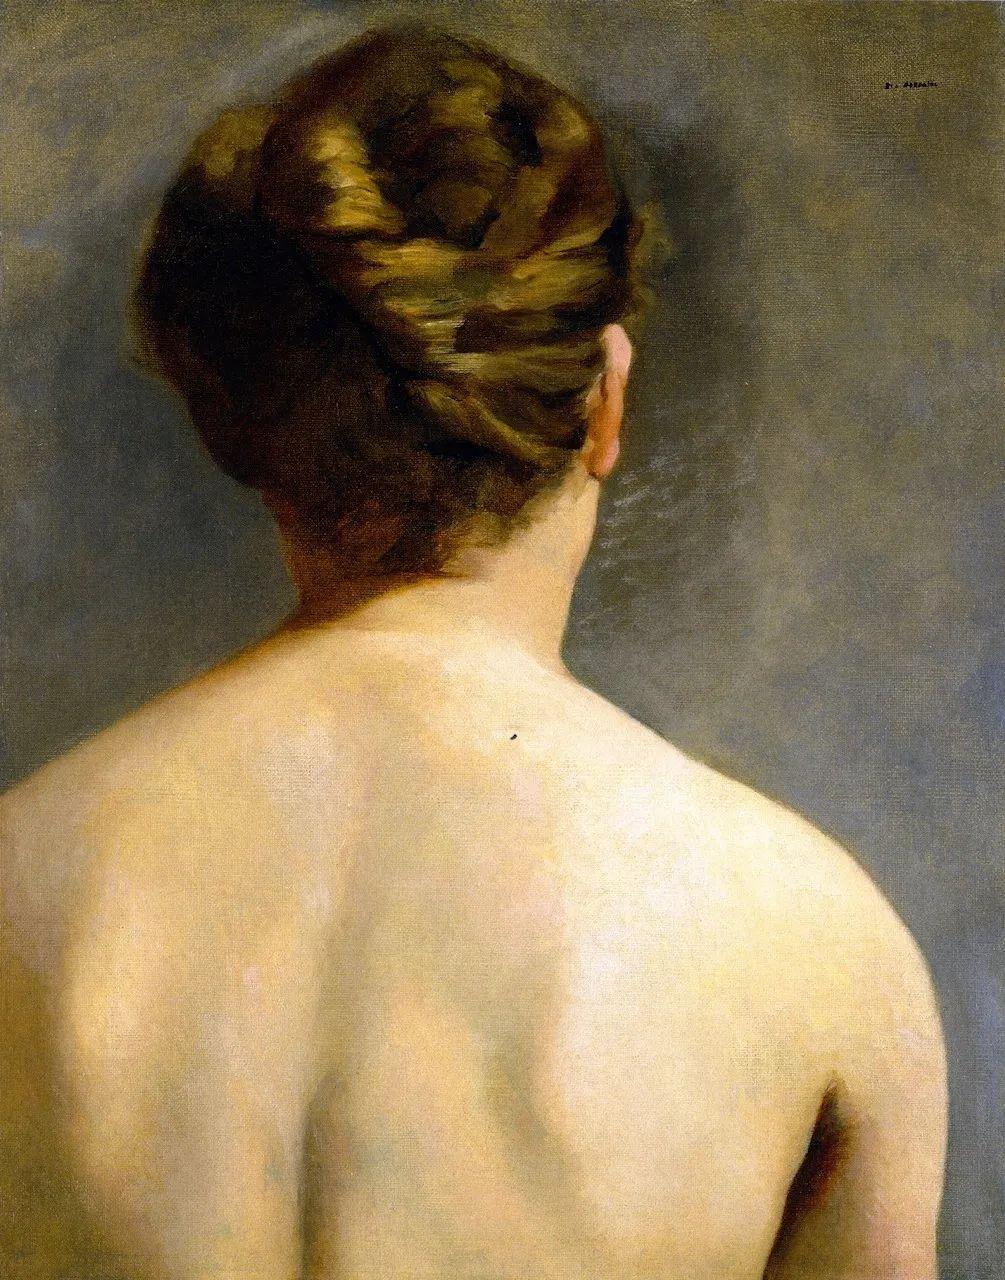 伊娃·冈萨雷斯,19世纪法国印象派女画家插图9